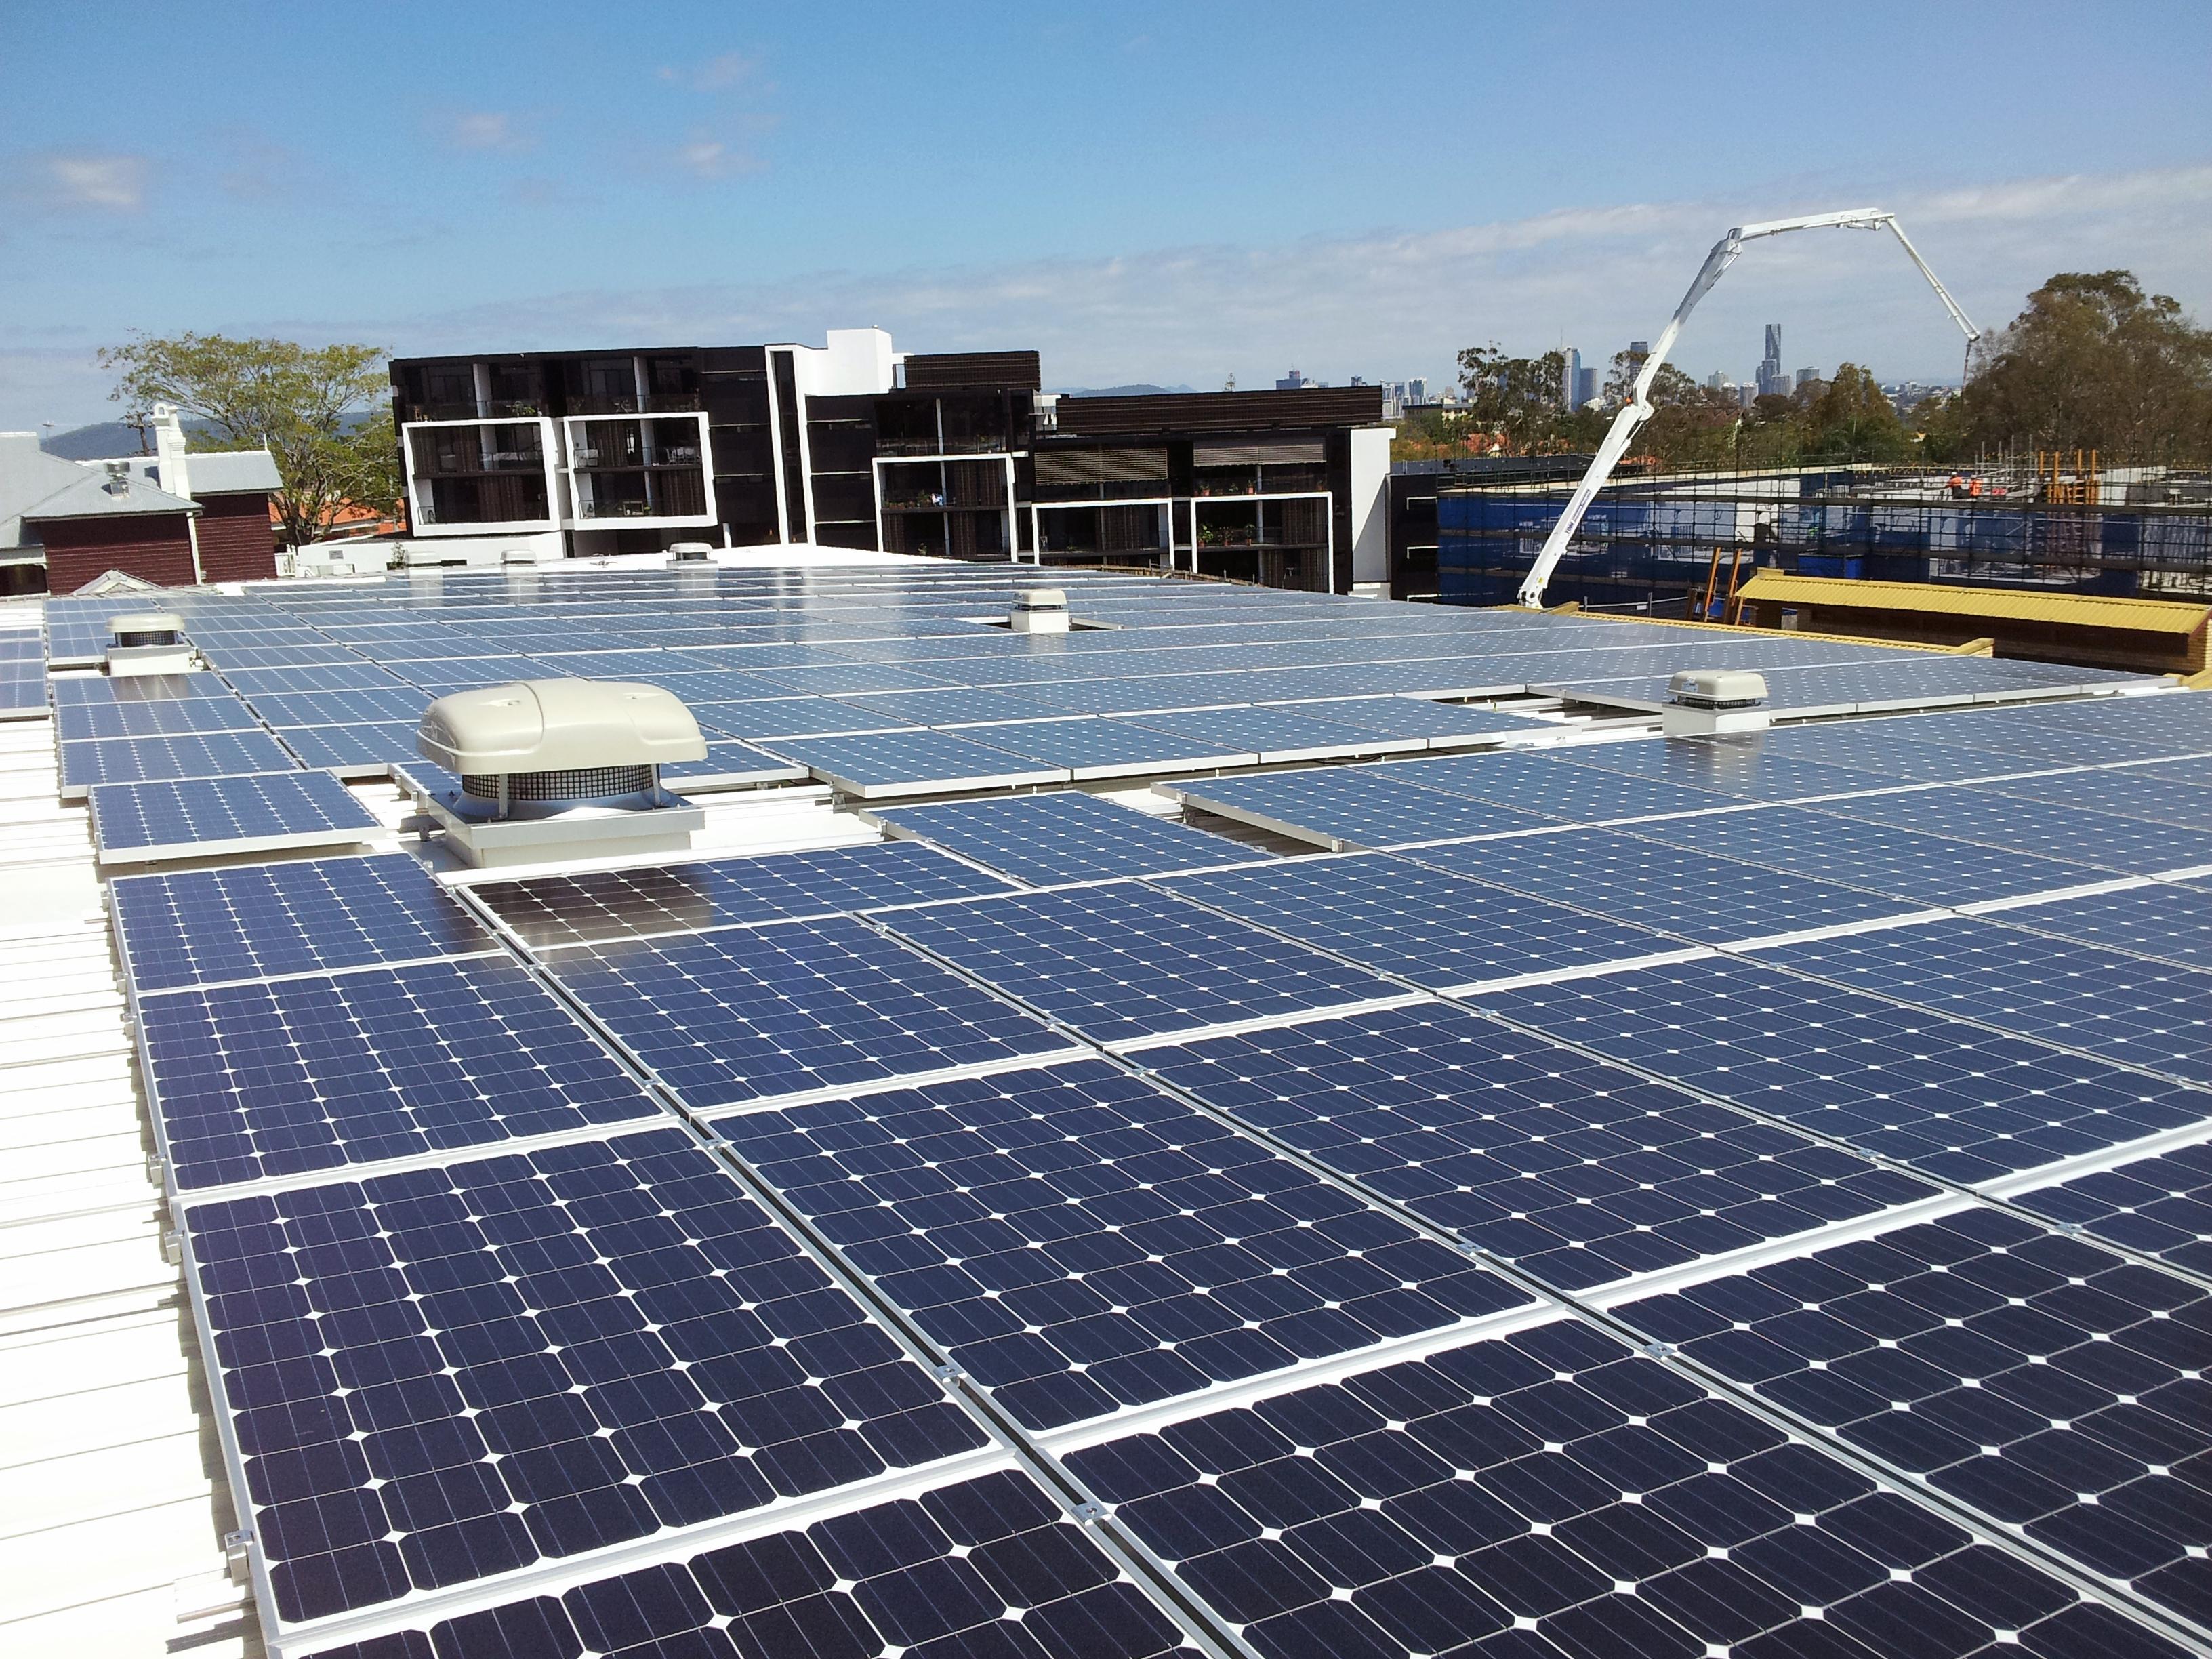 Conergy instala un sistema de energía solar fotovoltaica de 100 kilovatios para autoconsumo